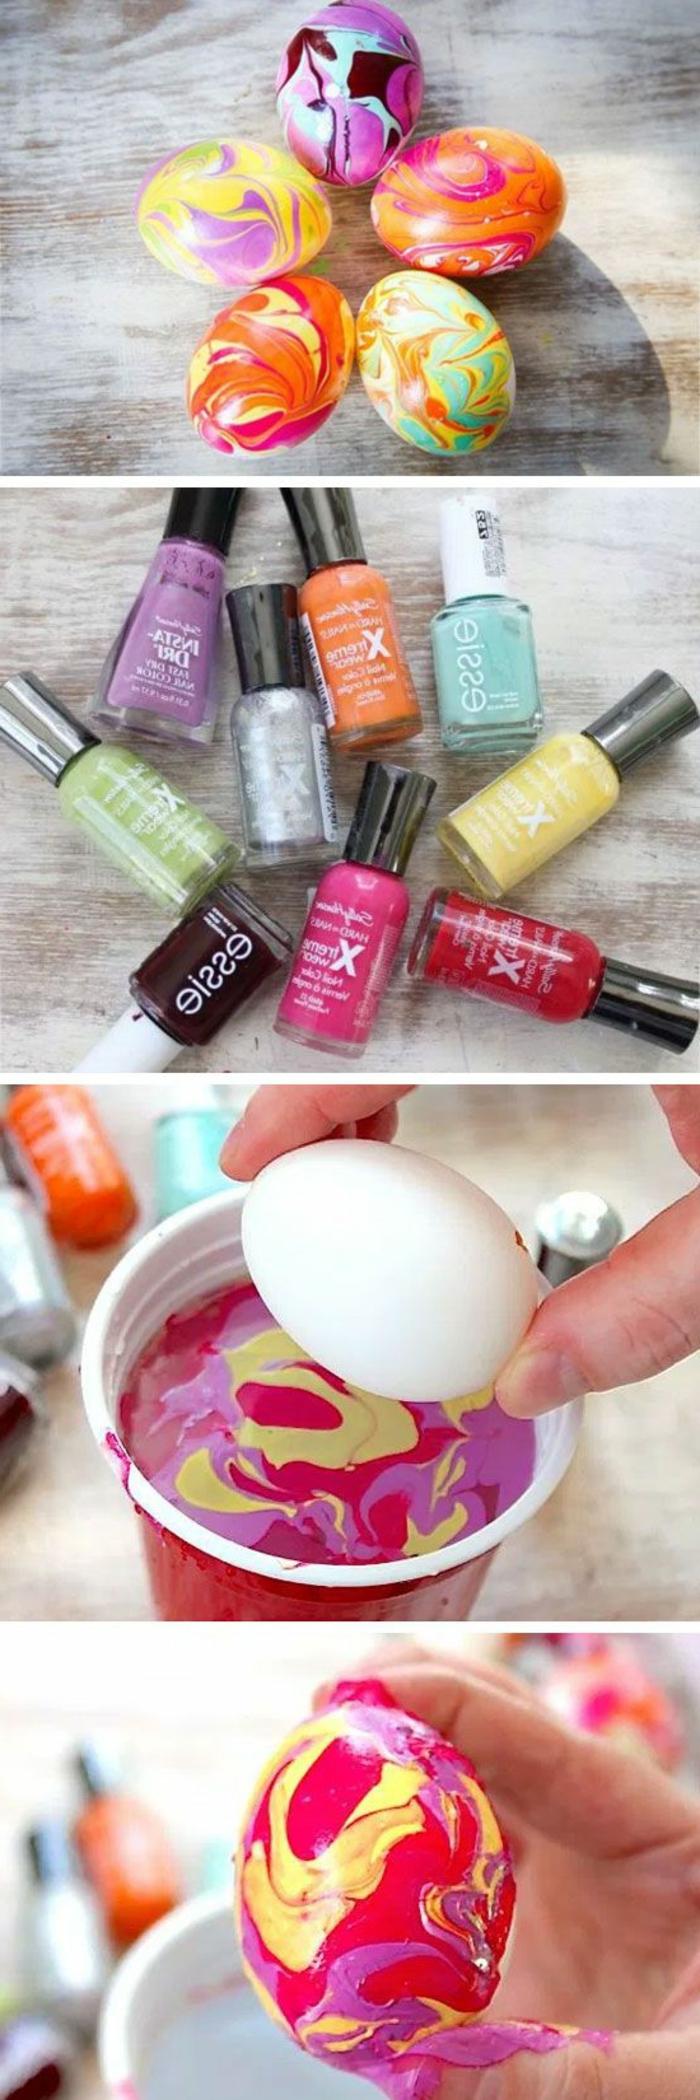 Oeufs de paques a decorer diy idée chouette nail polish déco avec vernis d'ongles colorer oeufs Paque